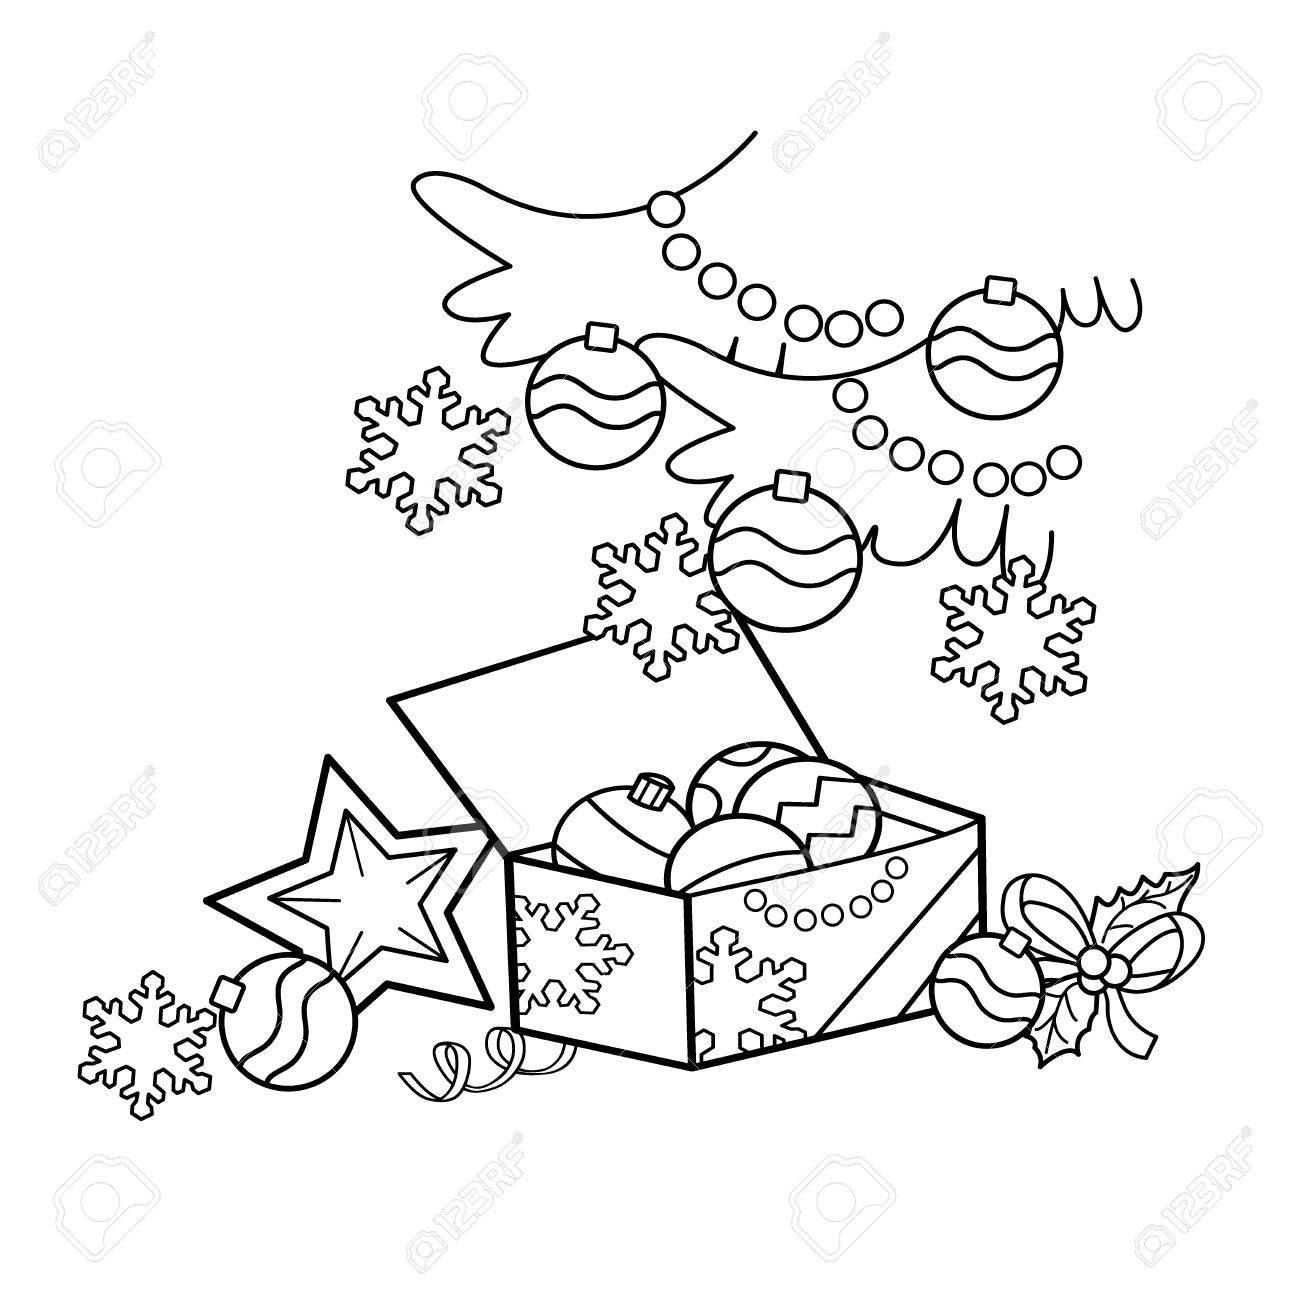 Página Para Colorear Esquema De La Decoración De Navidad De Dibujos Animados Navidad Año Nuevo Libro De Colorear Para Niños